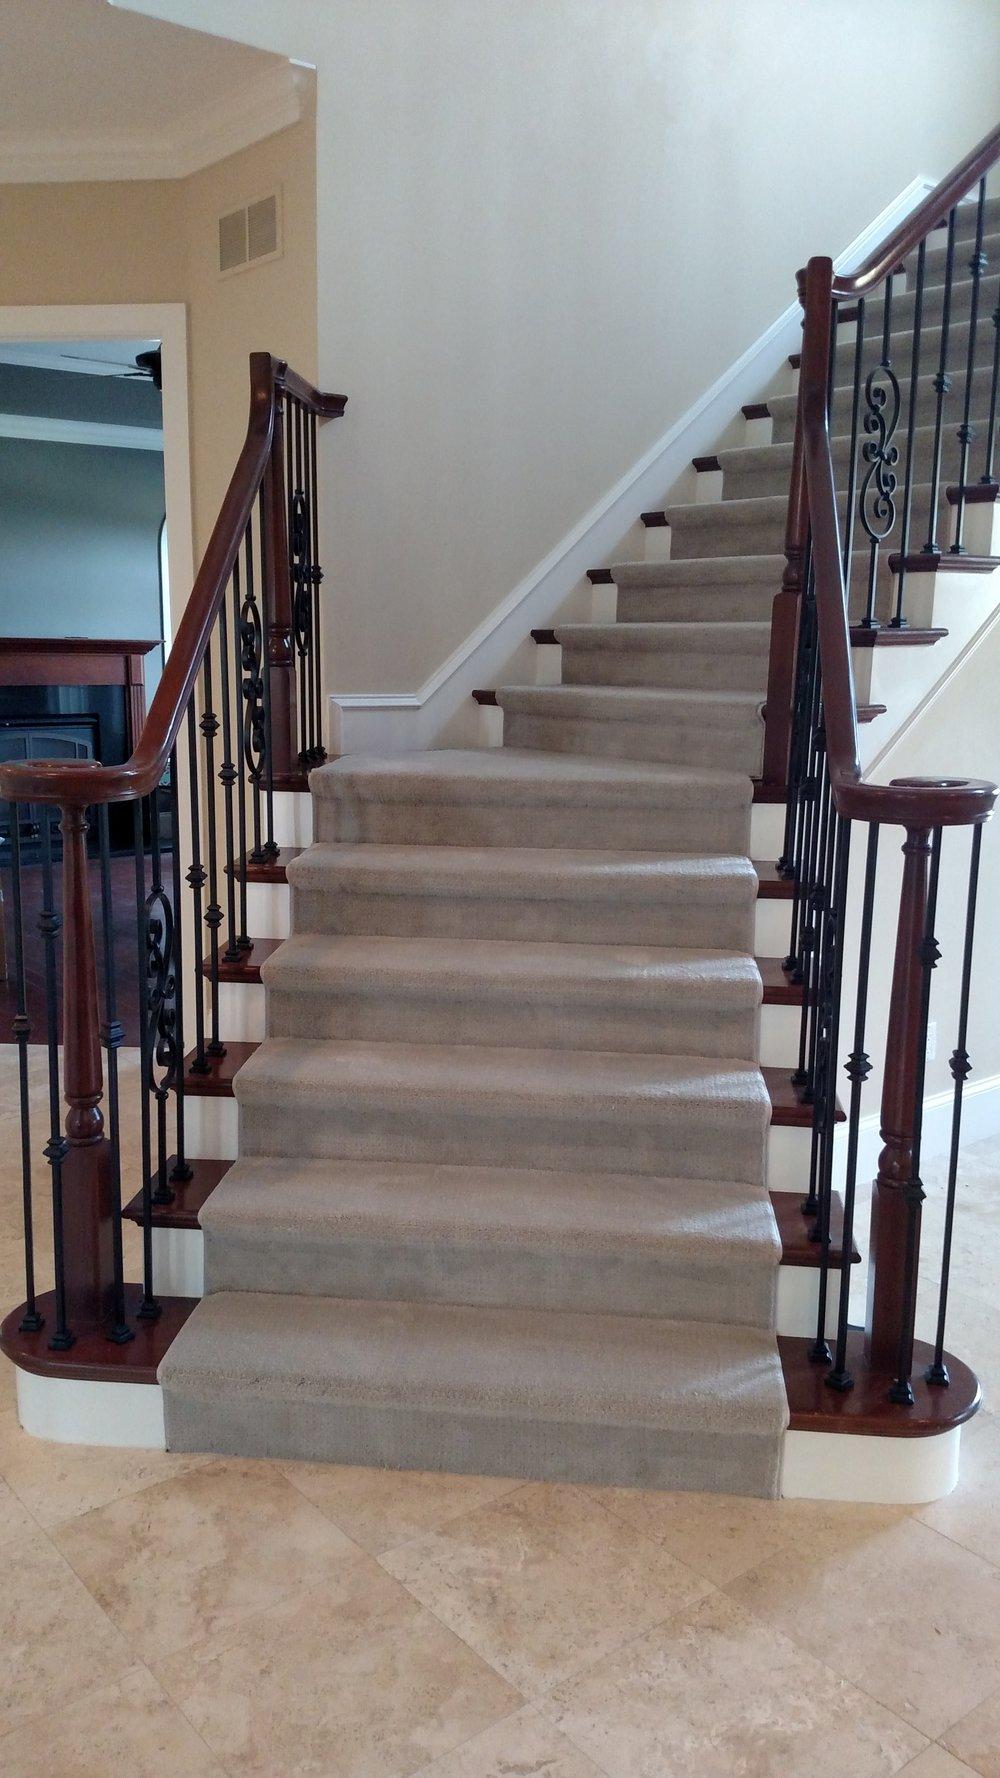 FurnitureStore Front Stairway.jpg